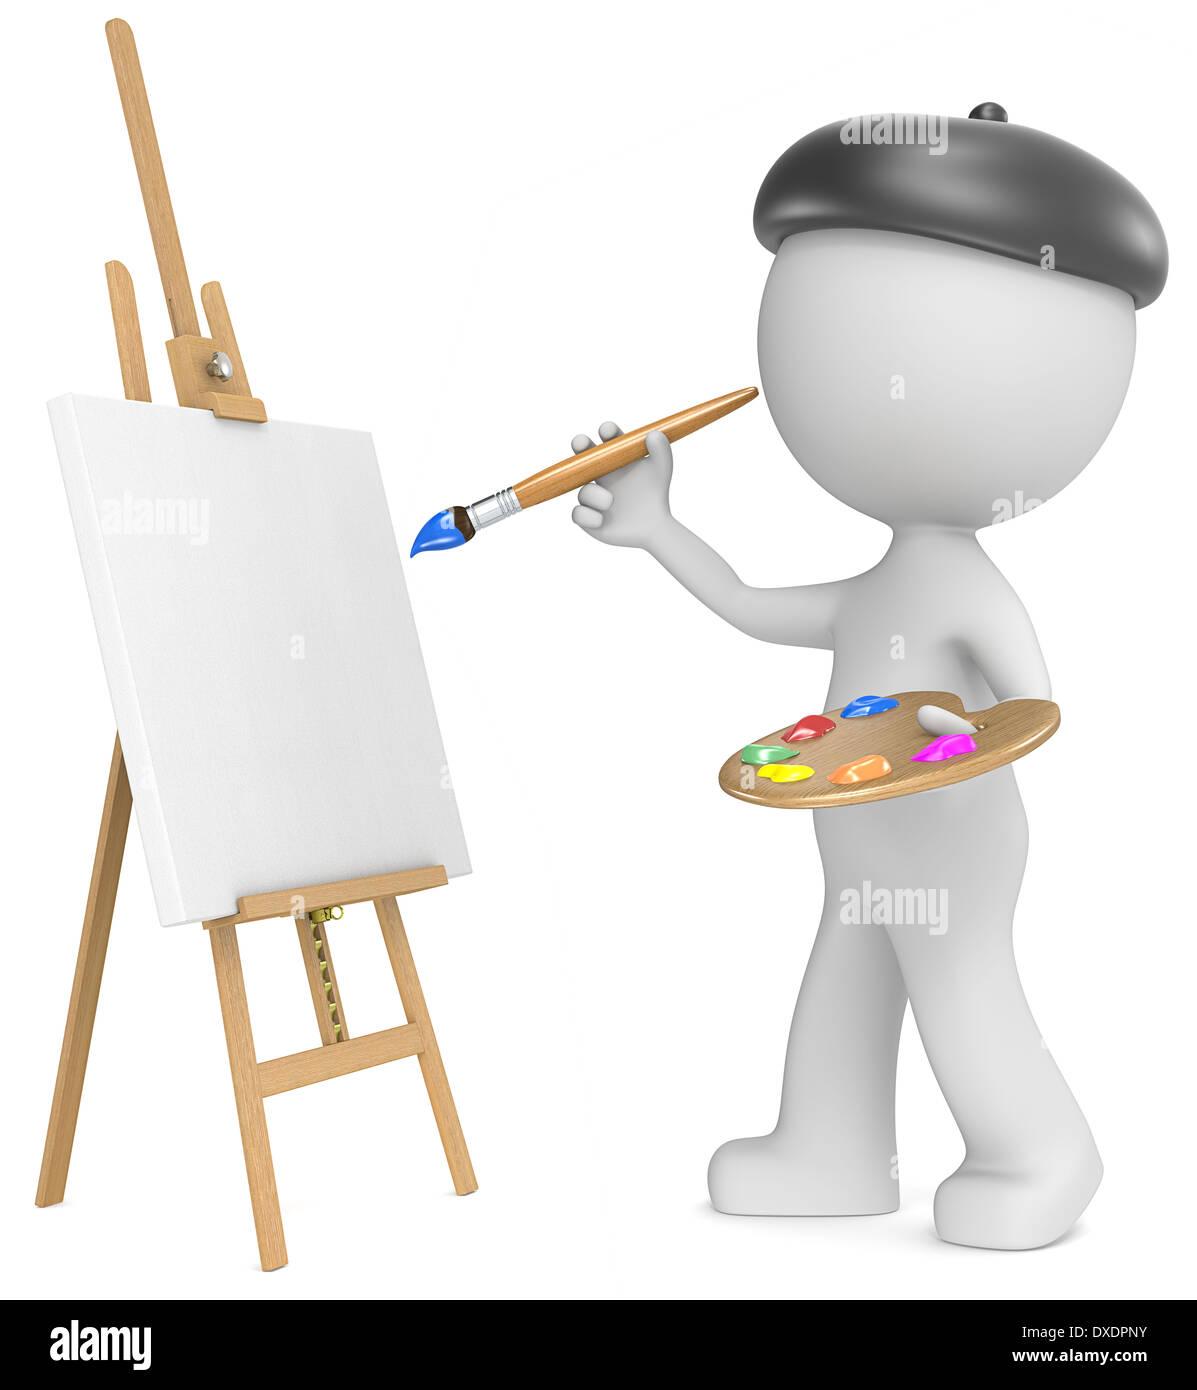 Tenue D Artiste Peintre dude l'artiste la peinture. la tenue du pinceau et palette